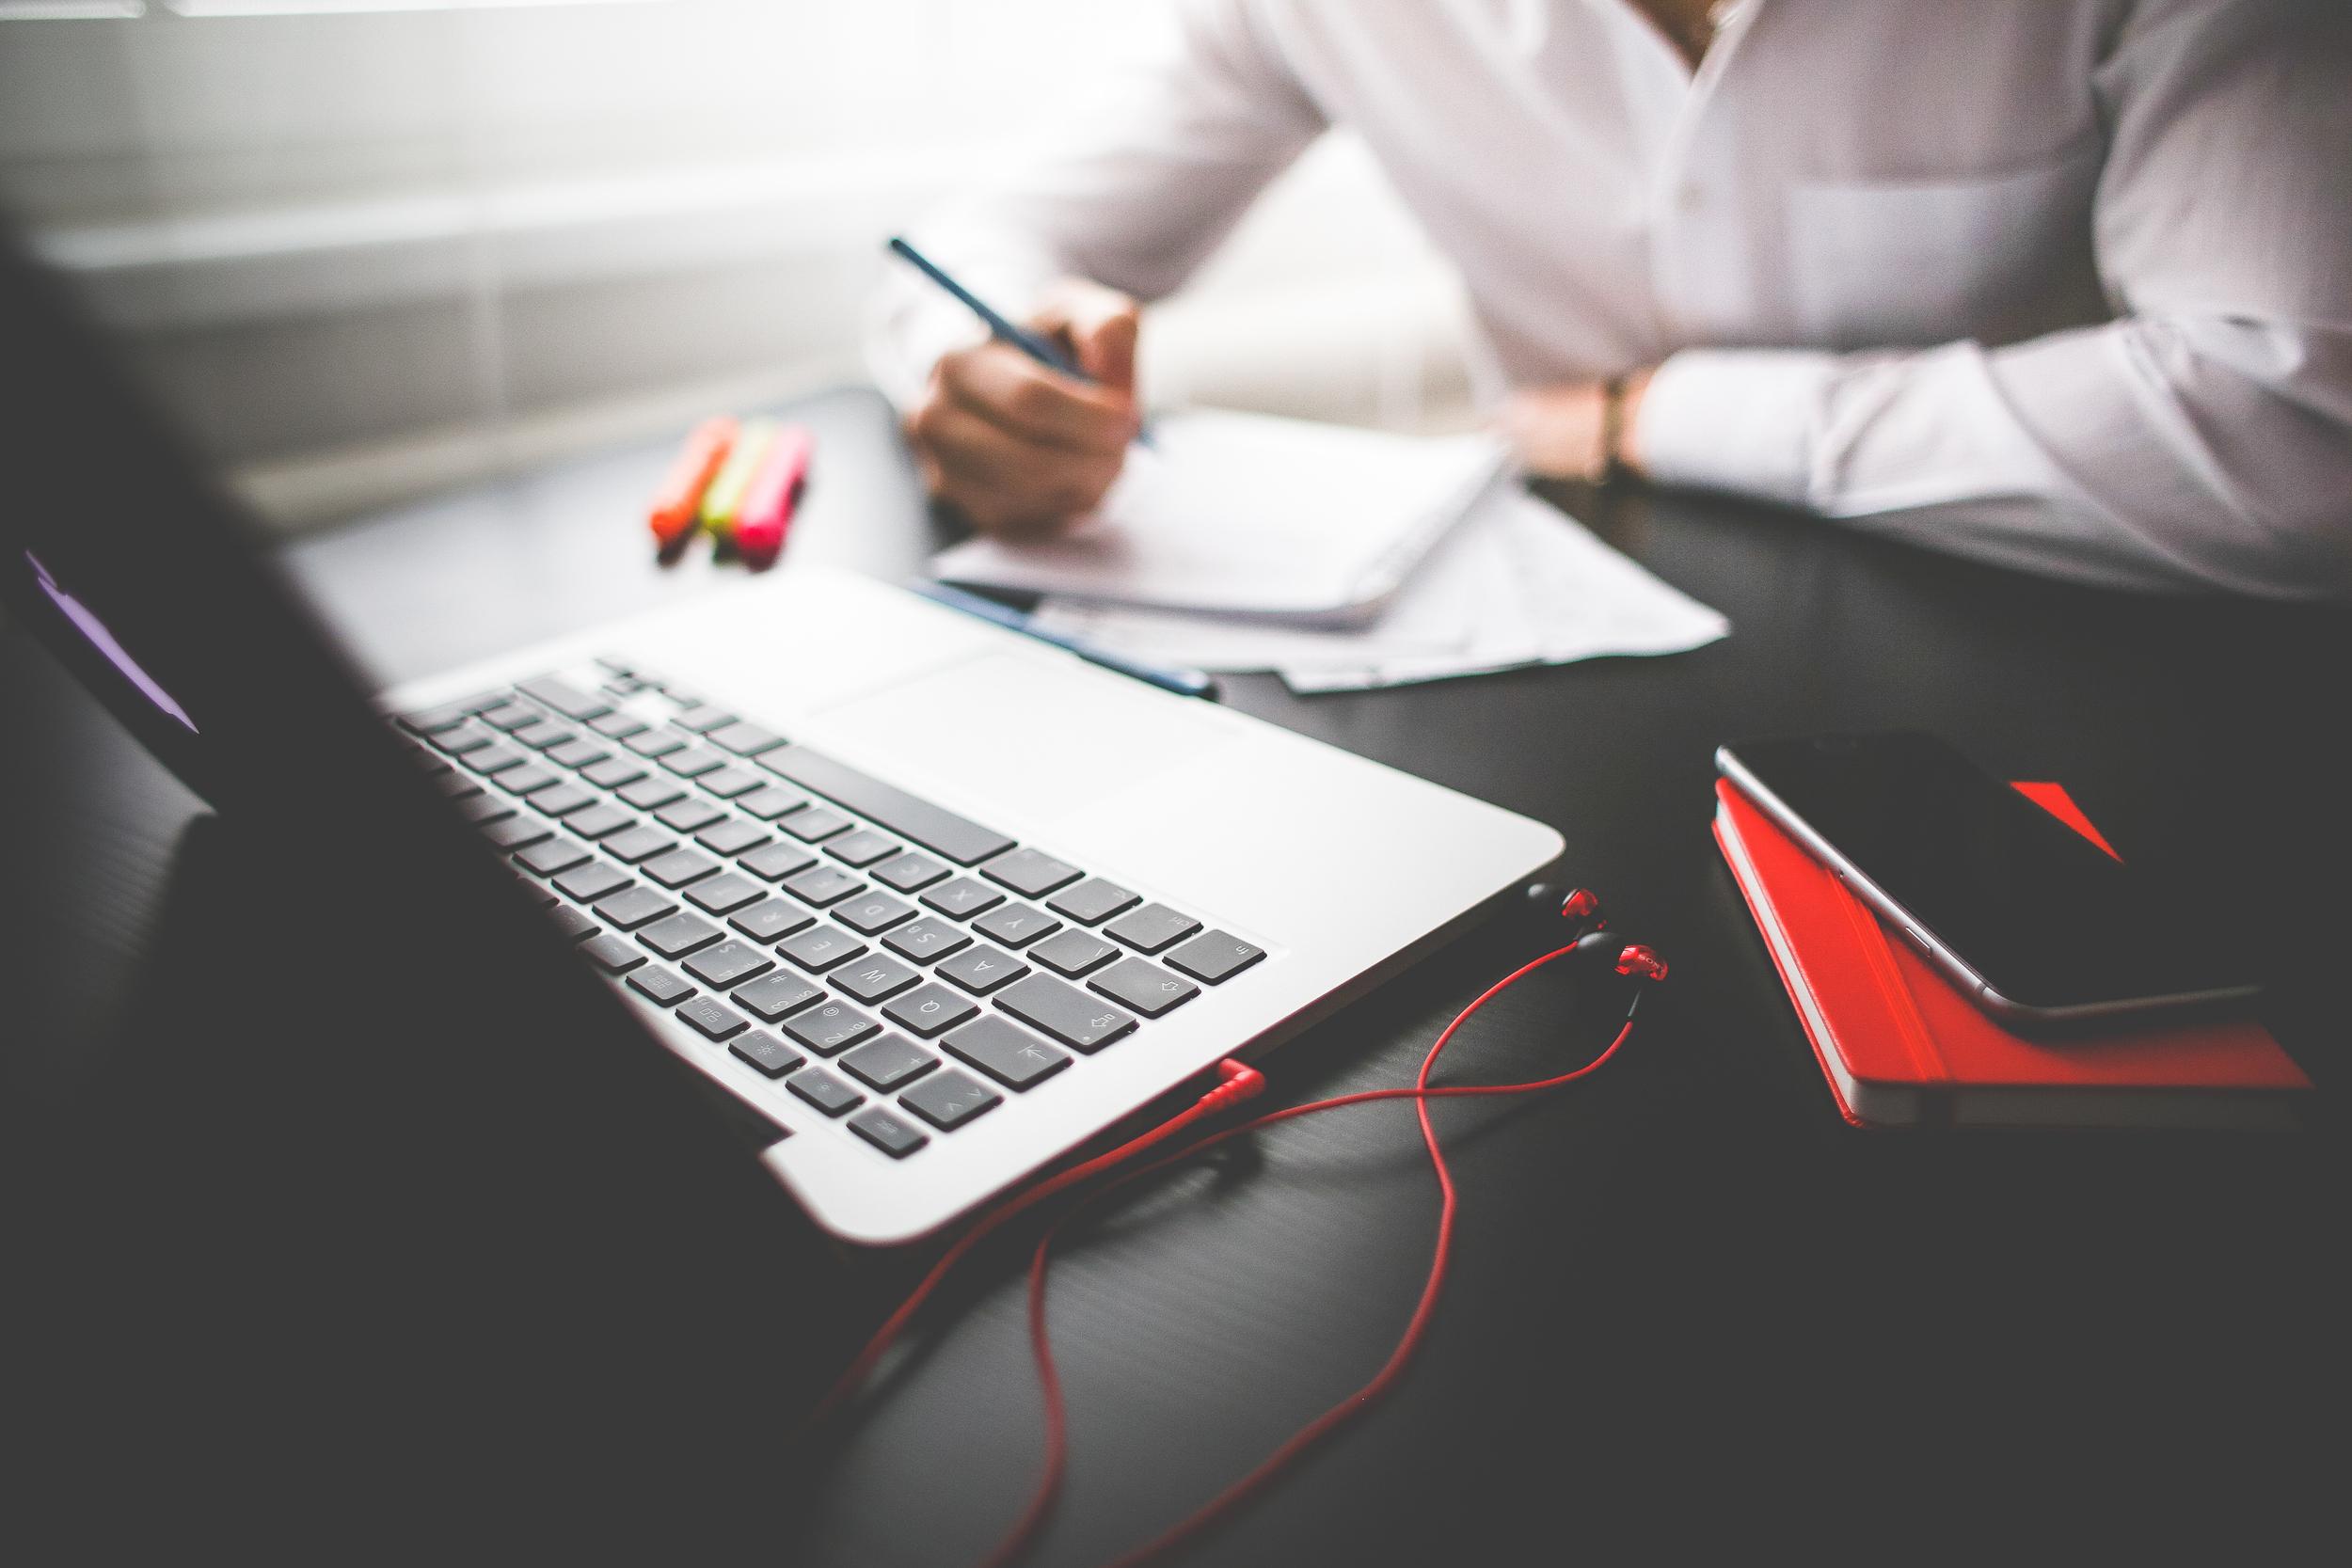 Man on laptop doing Business.jpg